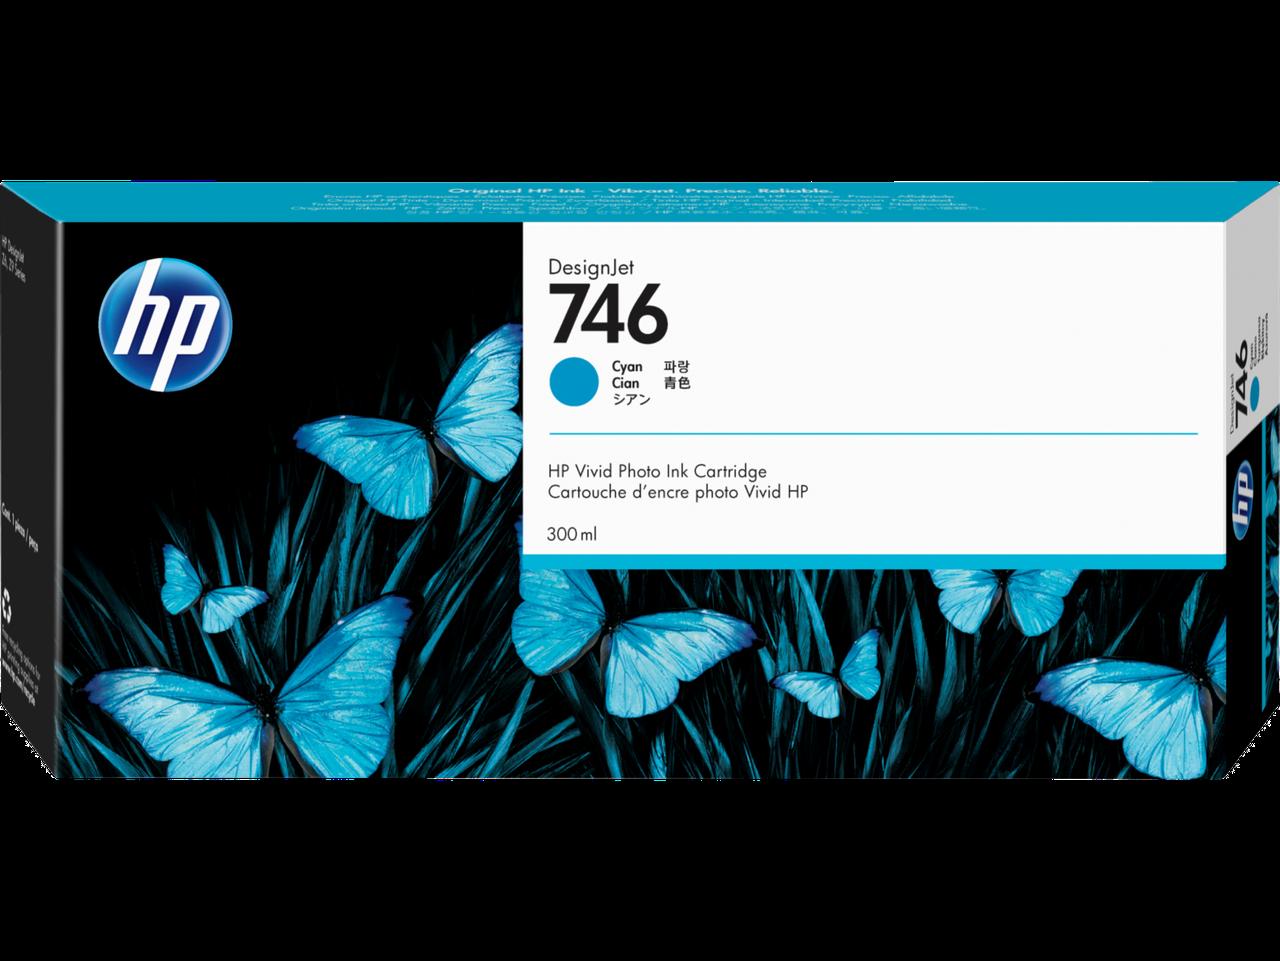 HP P2V80A Картридж пурпурный HP 746 для DesignJet Z6/Z9+, 300 мл